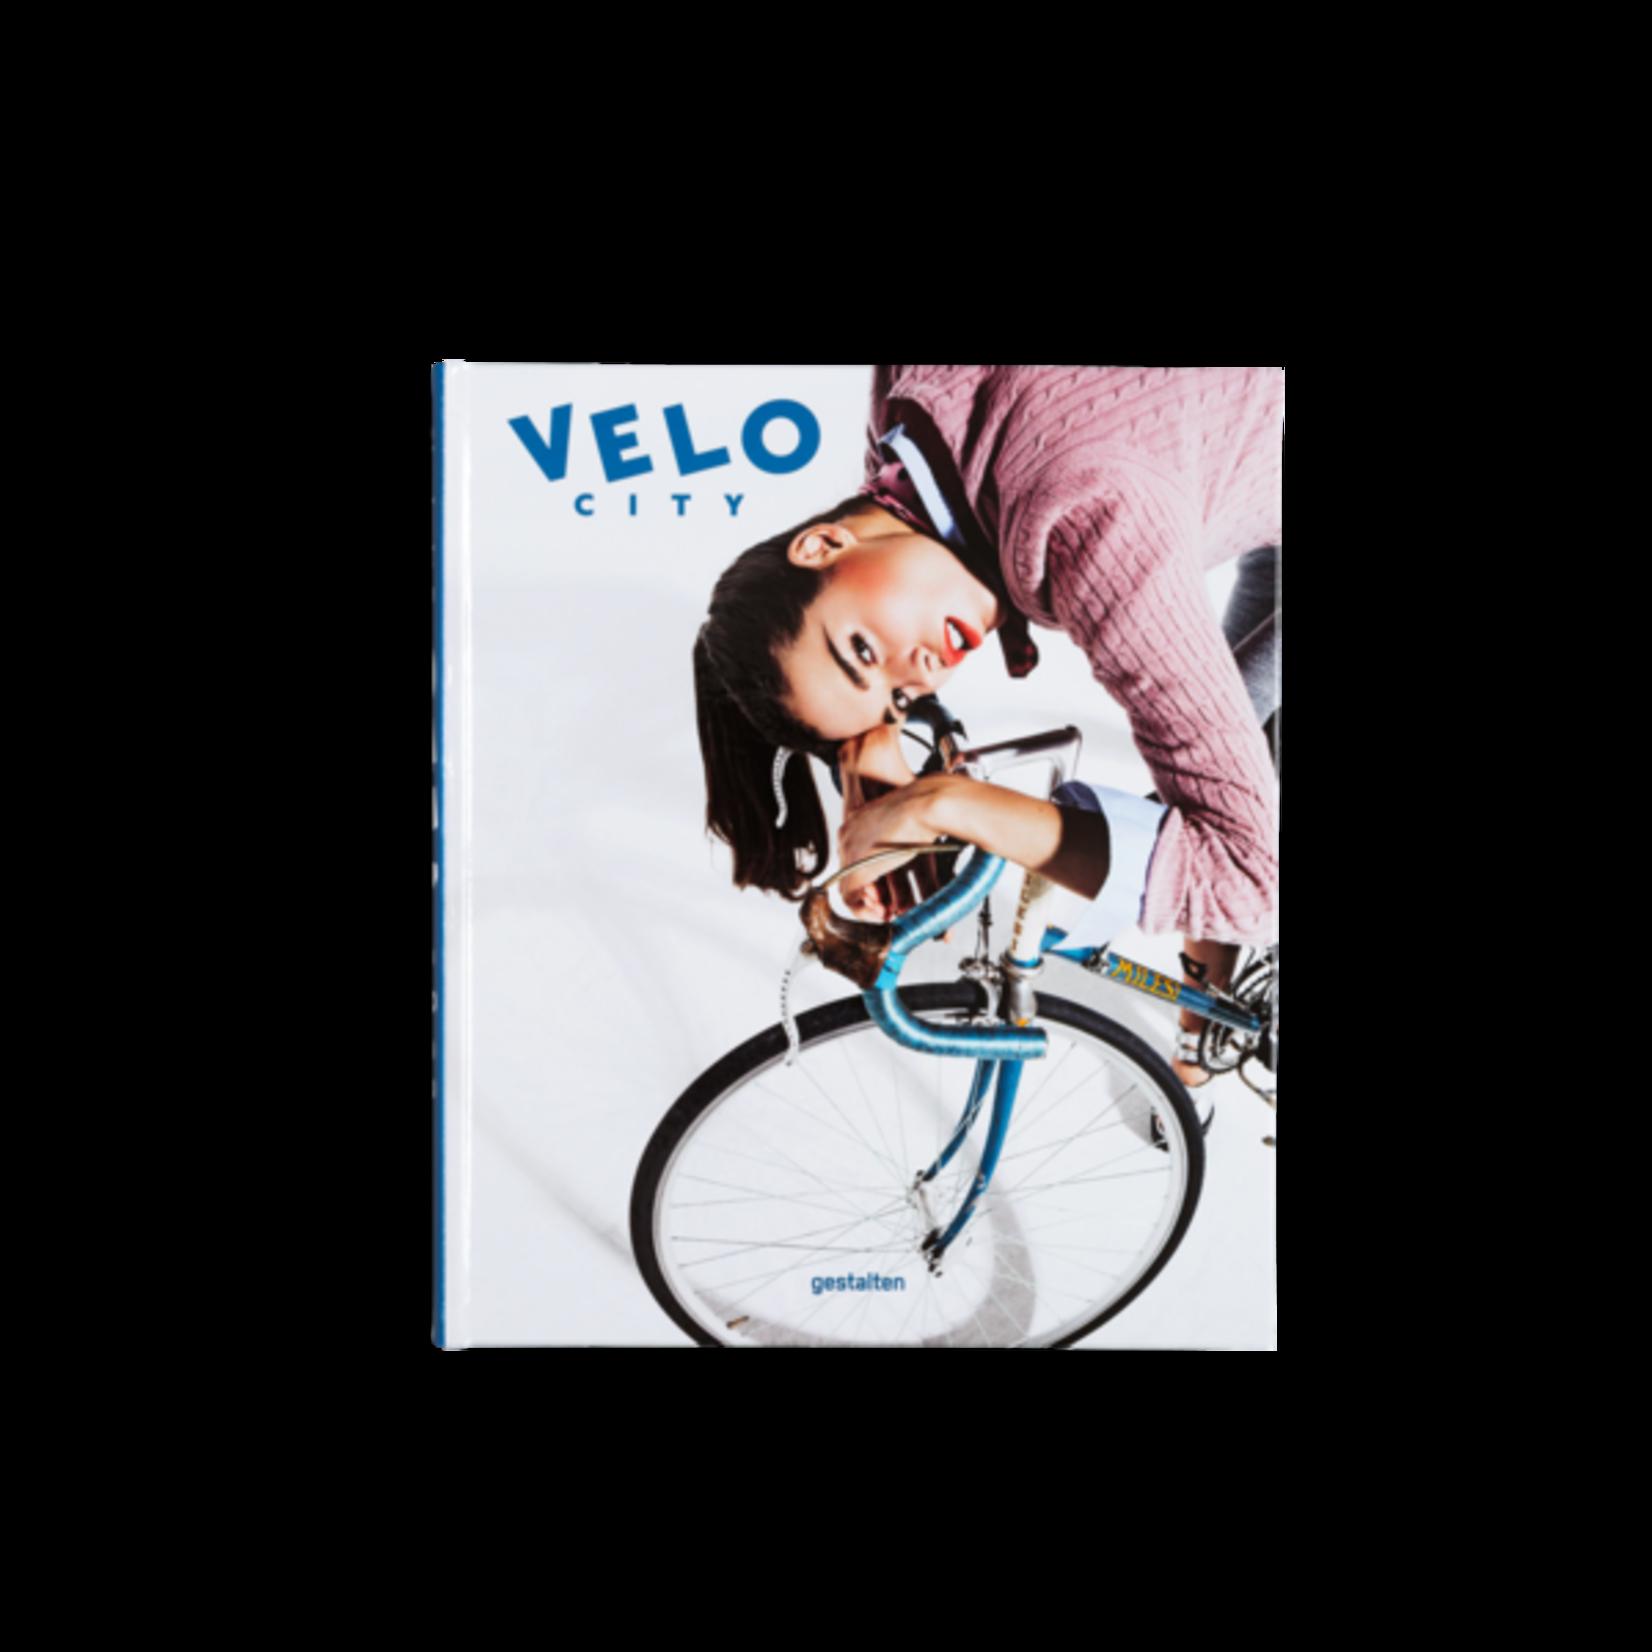 Book 'Velo city'